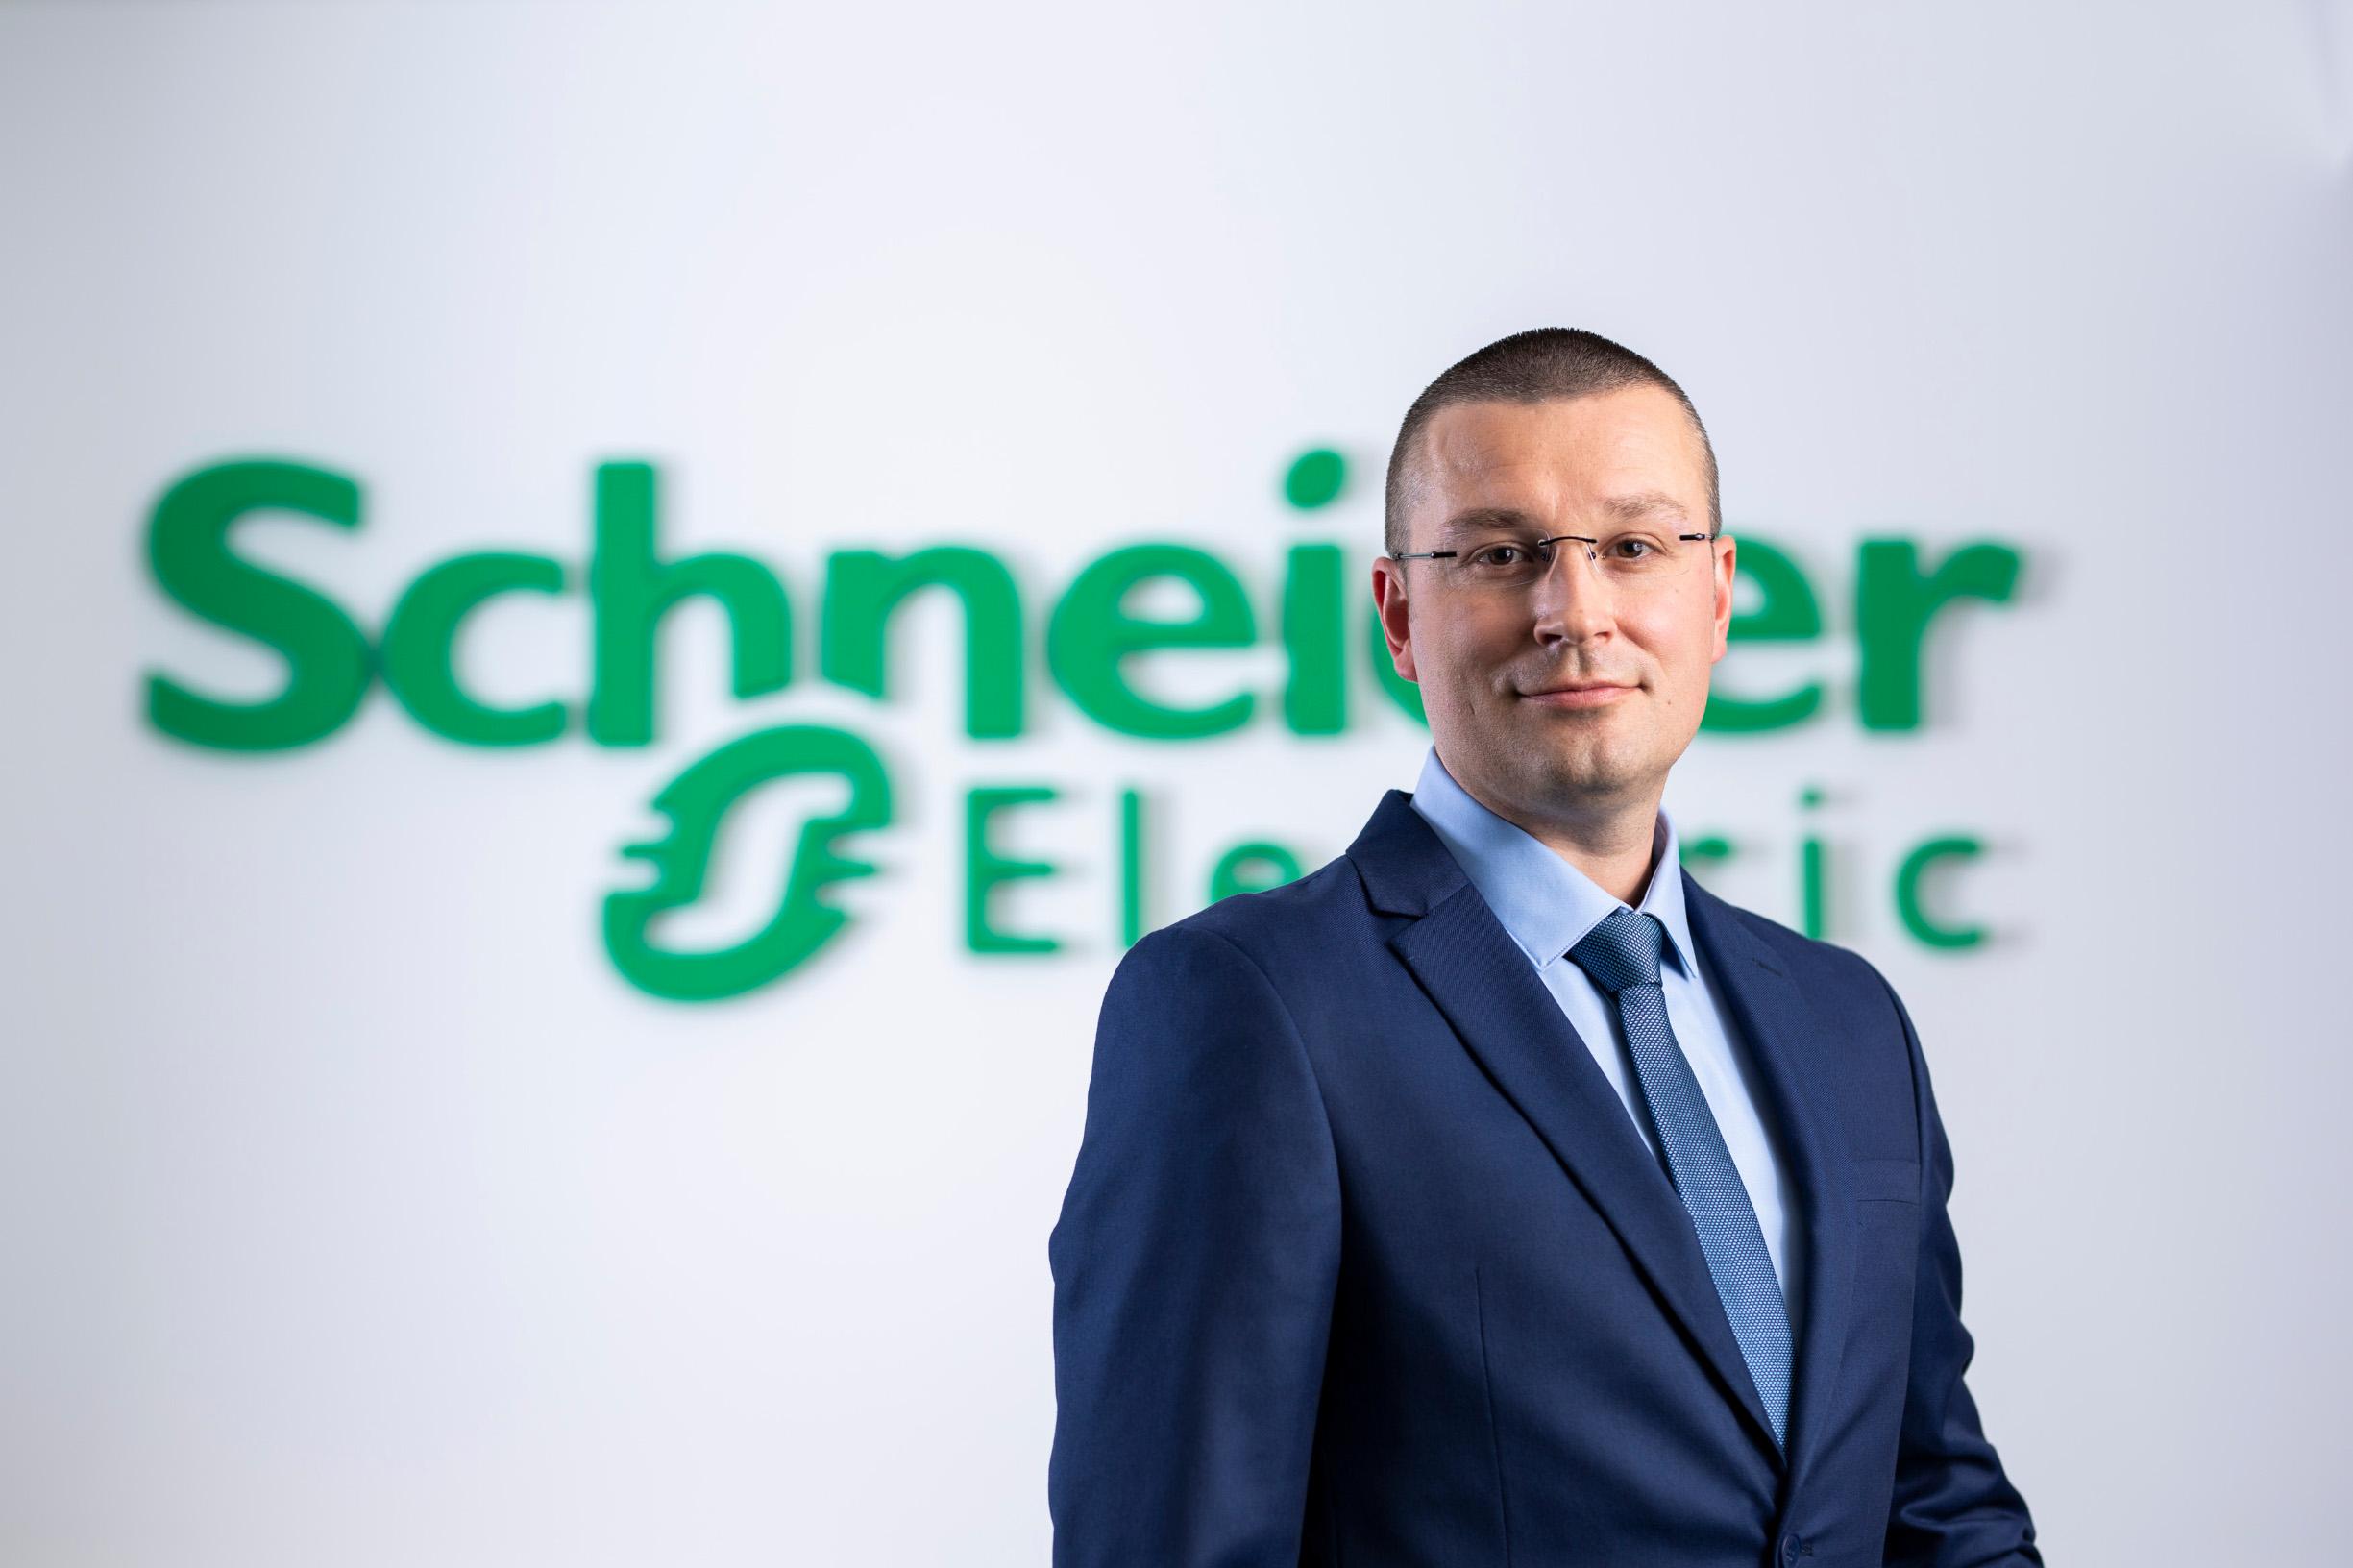 Ivan Paić, generalni direktor Schneider Electrica u Hrvatskoj, Sloveniji te Bosni i Hercegovini